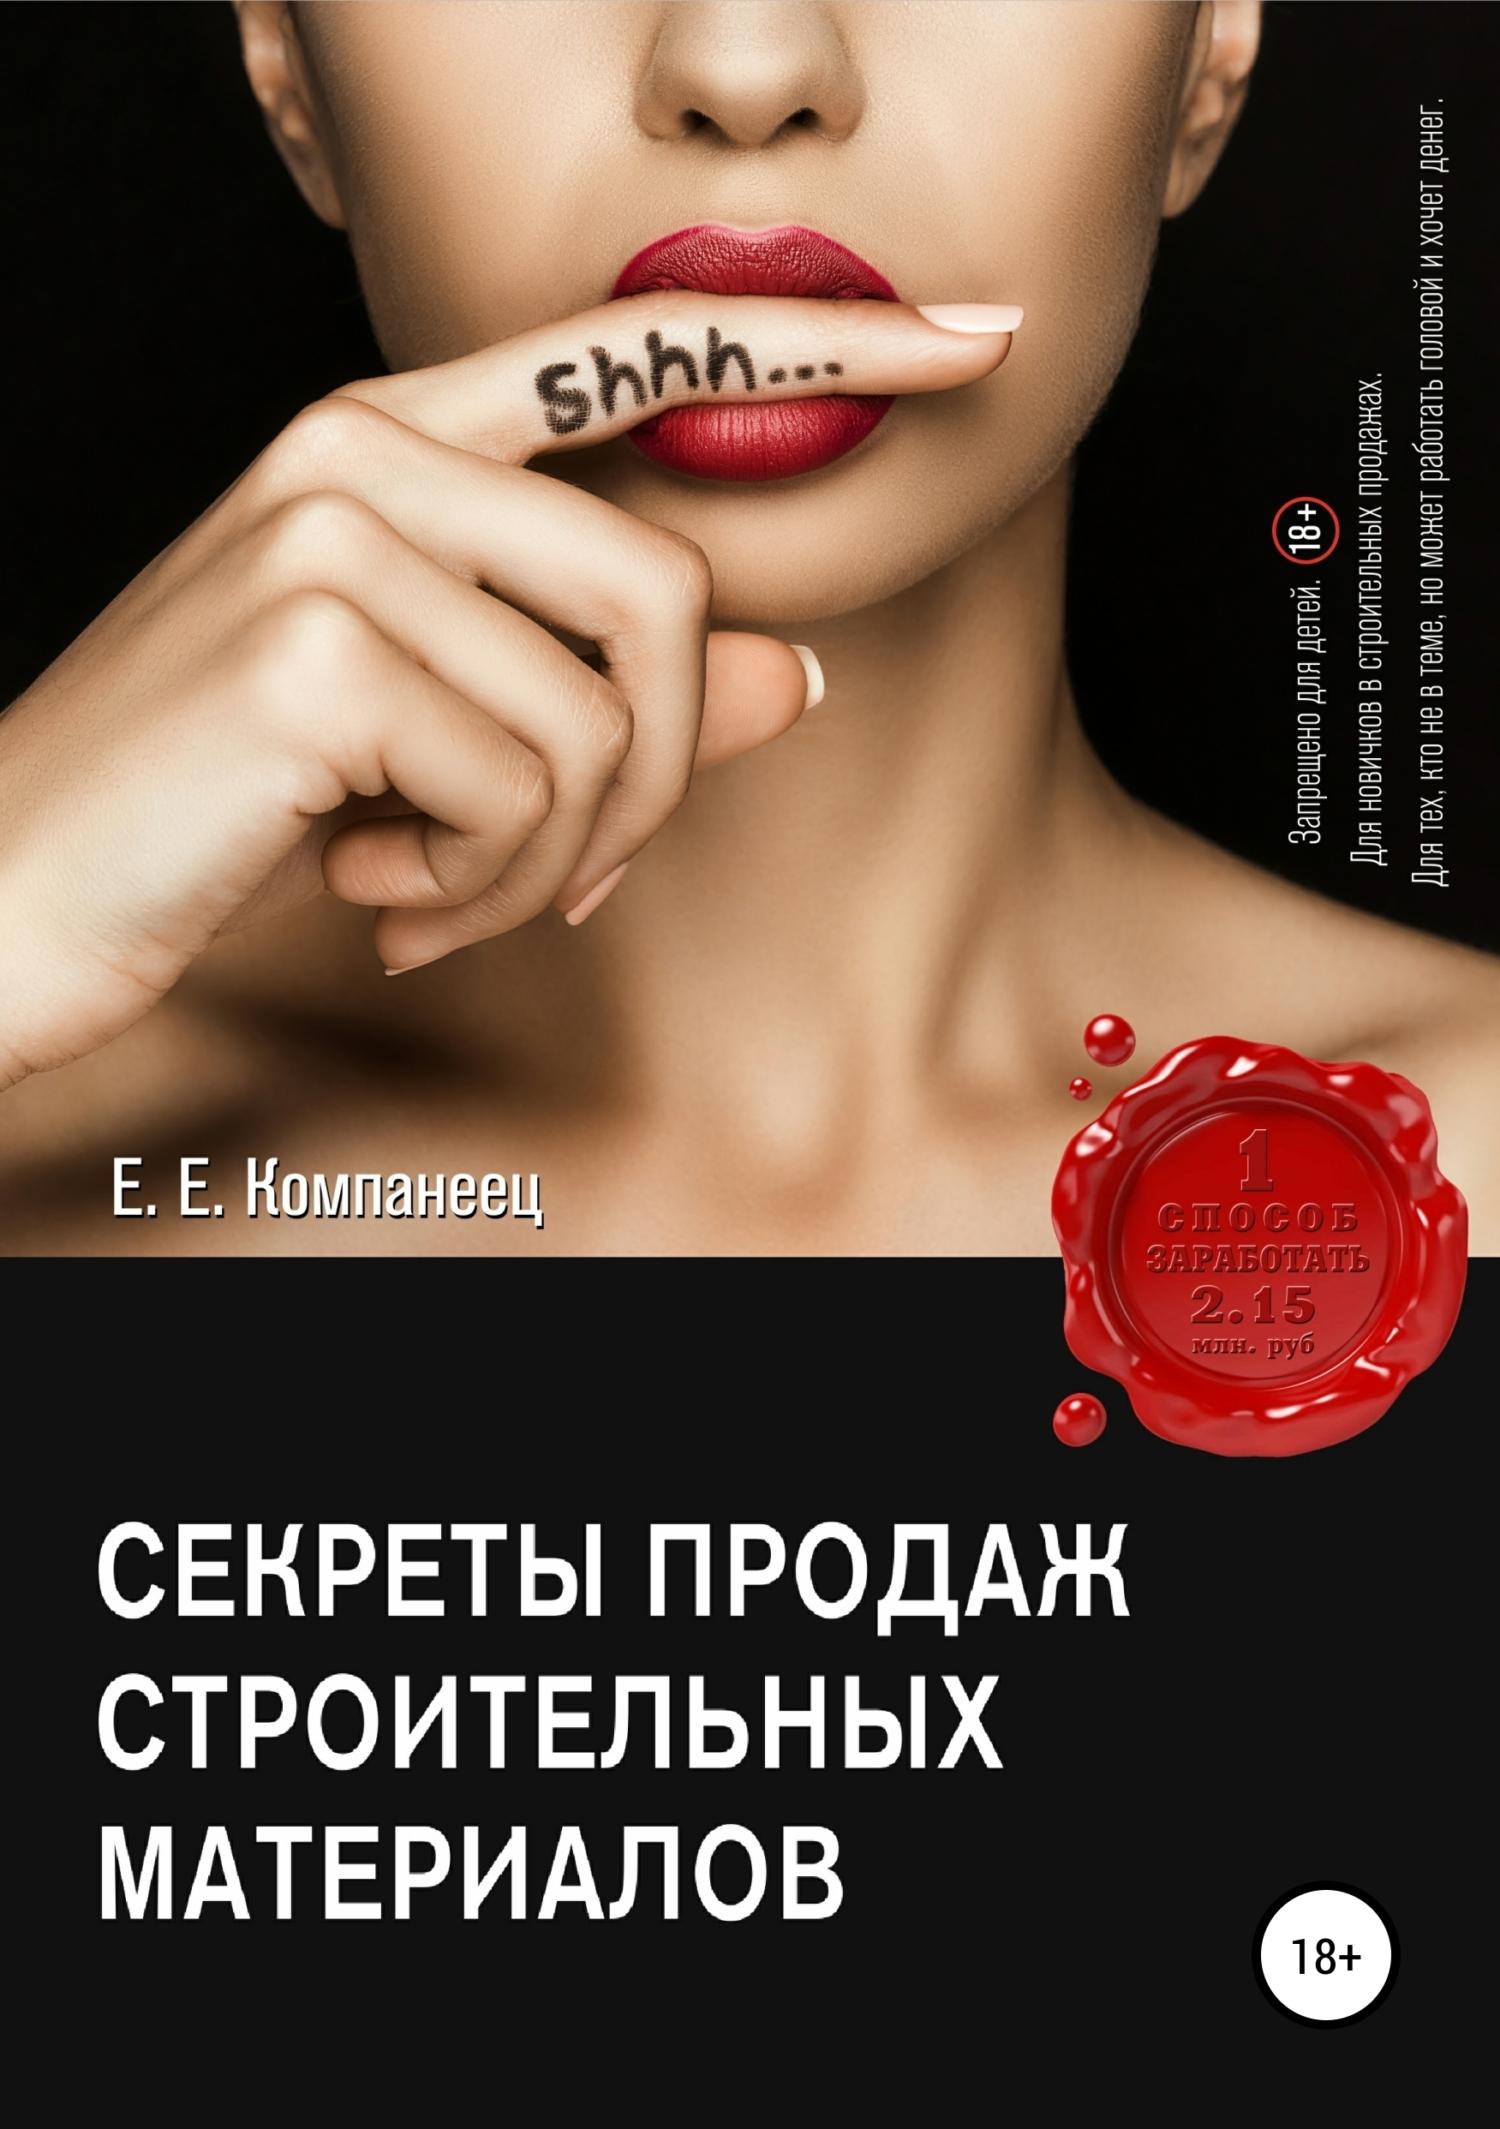 Екатерина Евгеньевна Компанеец Секреты продаж строительных материалов для продажи авто что нужно